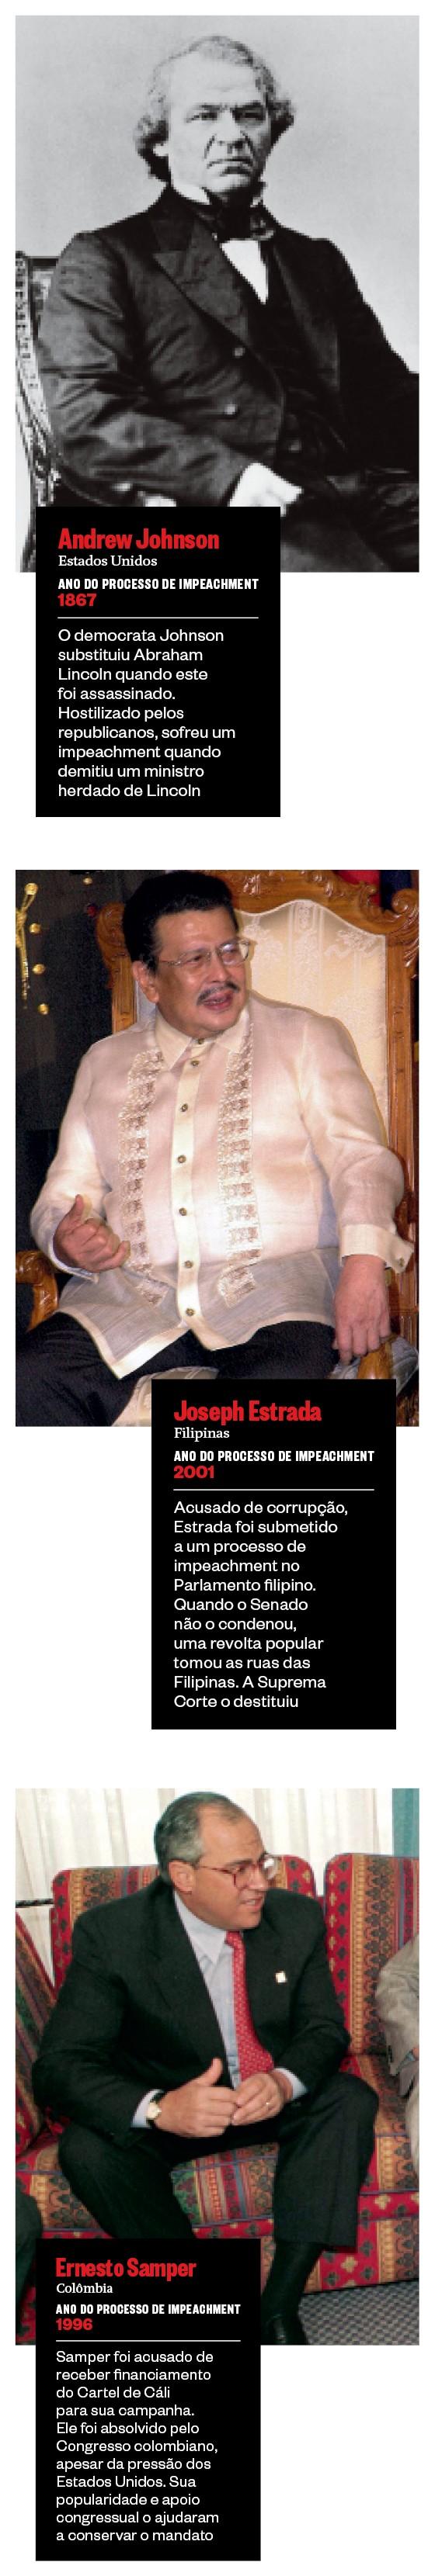 arte impeachment usa (Foto: ÉPOCA)